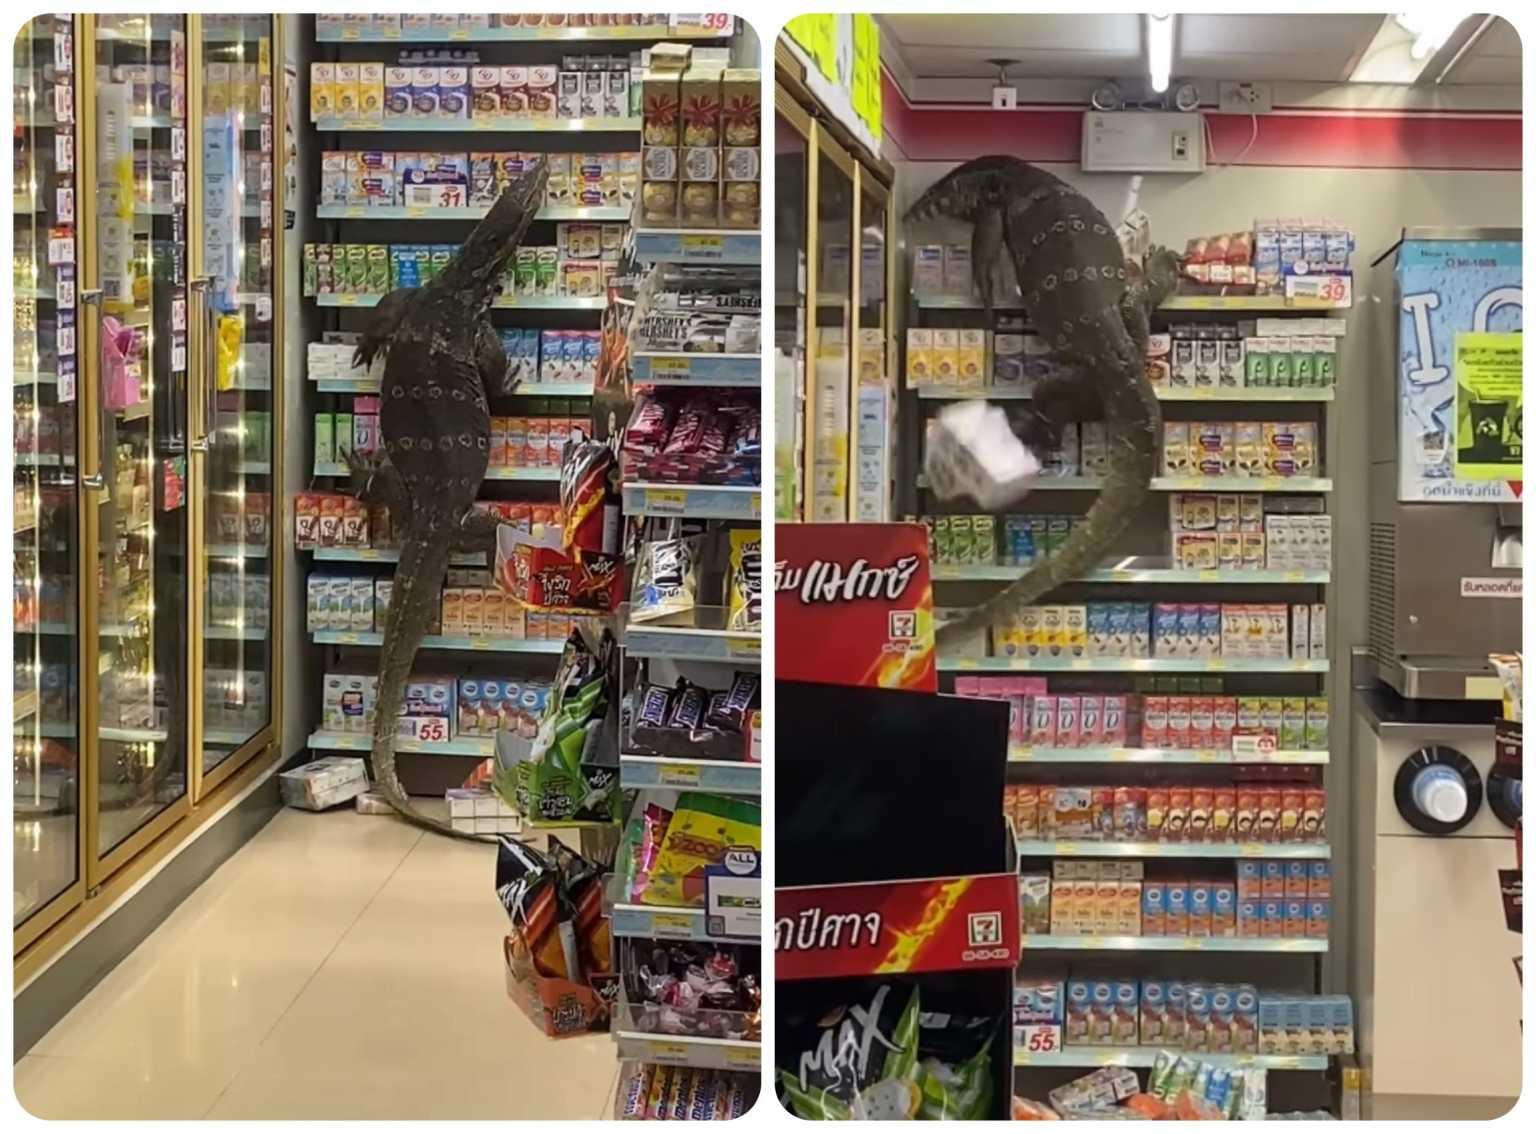 Ανατριχίλα με τεράστια σαύρα μέσα σε σούπερ μάρκετ στην Ταϊλάνδη (video)